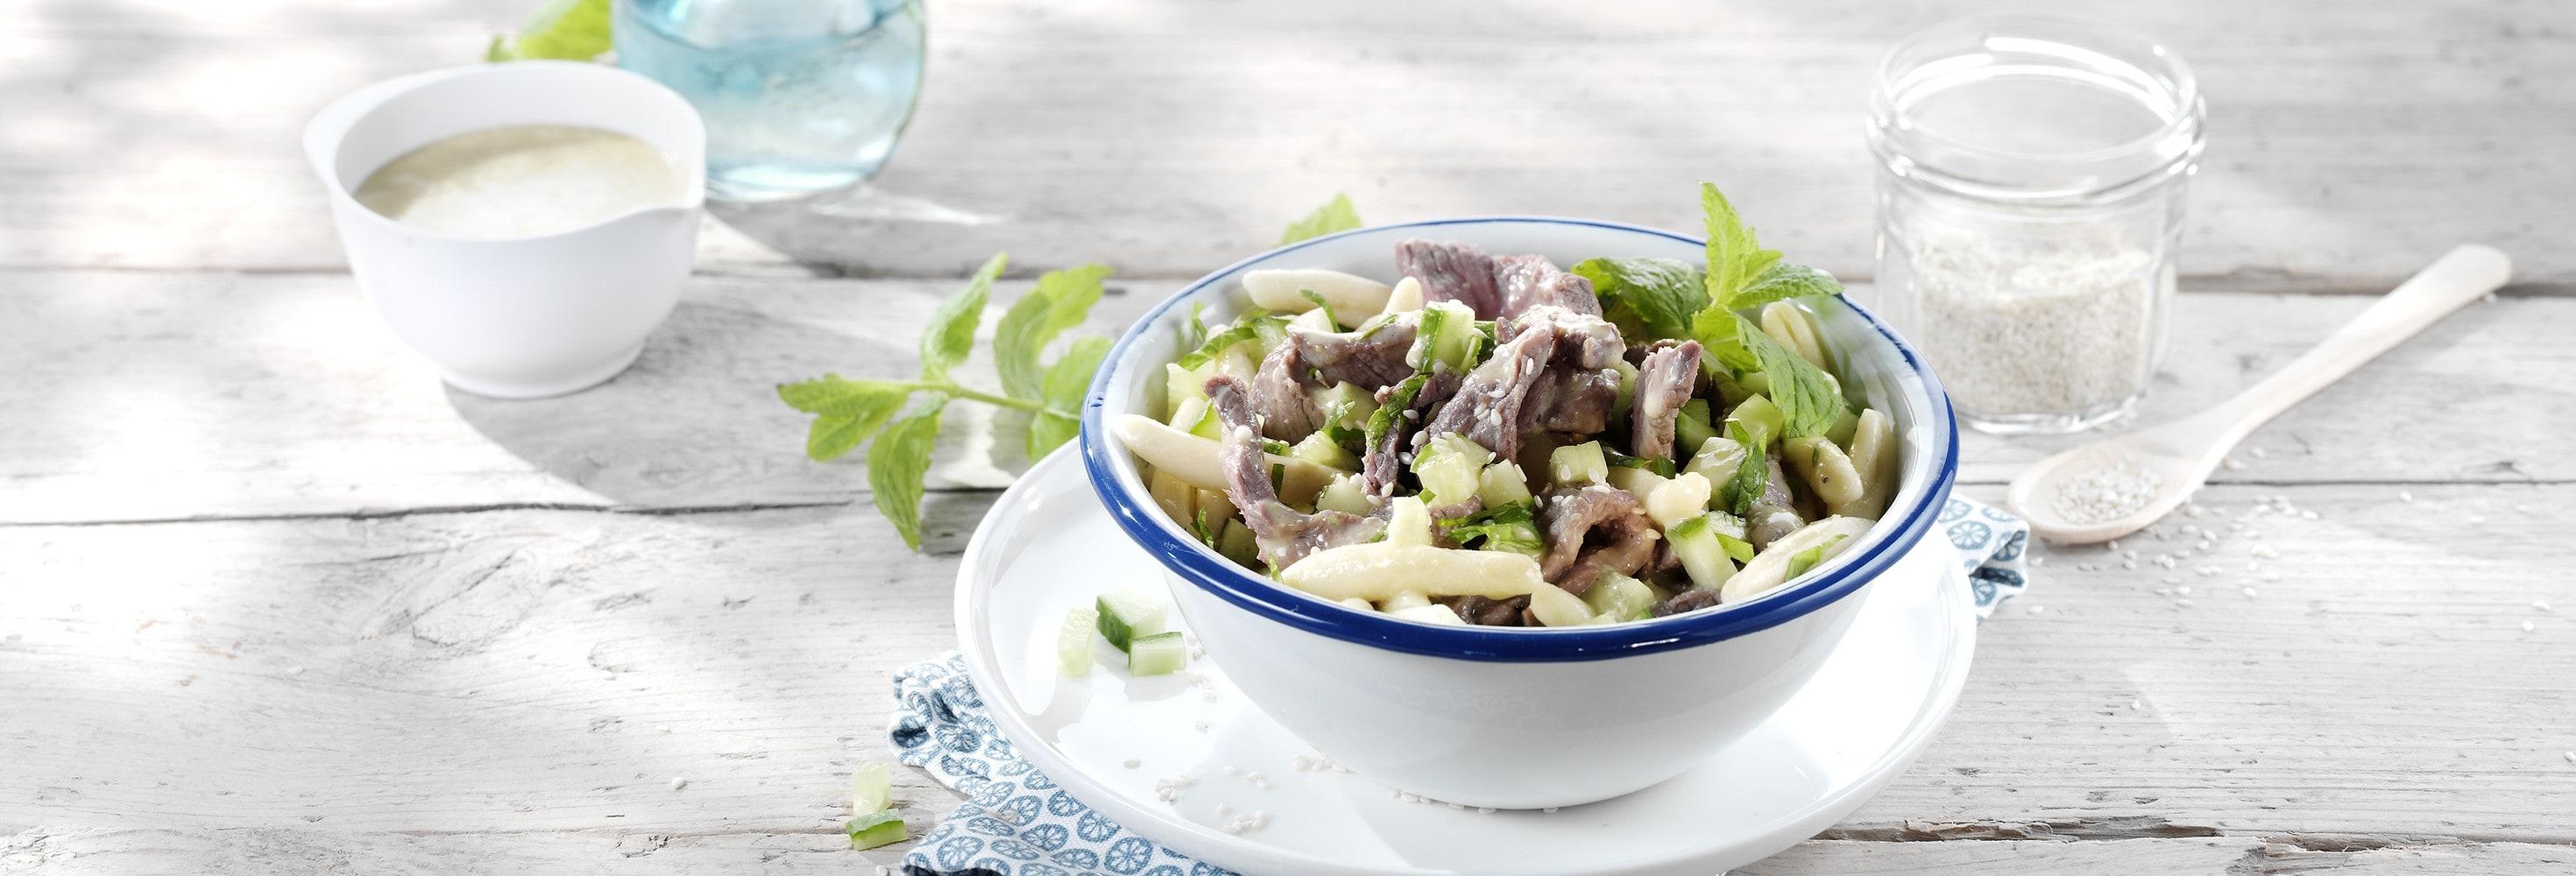 Salade de pâtes à la viande de bœuf, vinaigrette crémeuse au wasabi, concombre et menthe